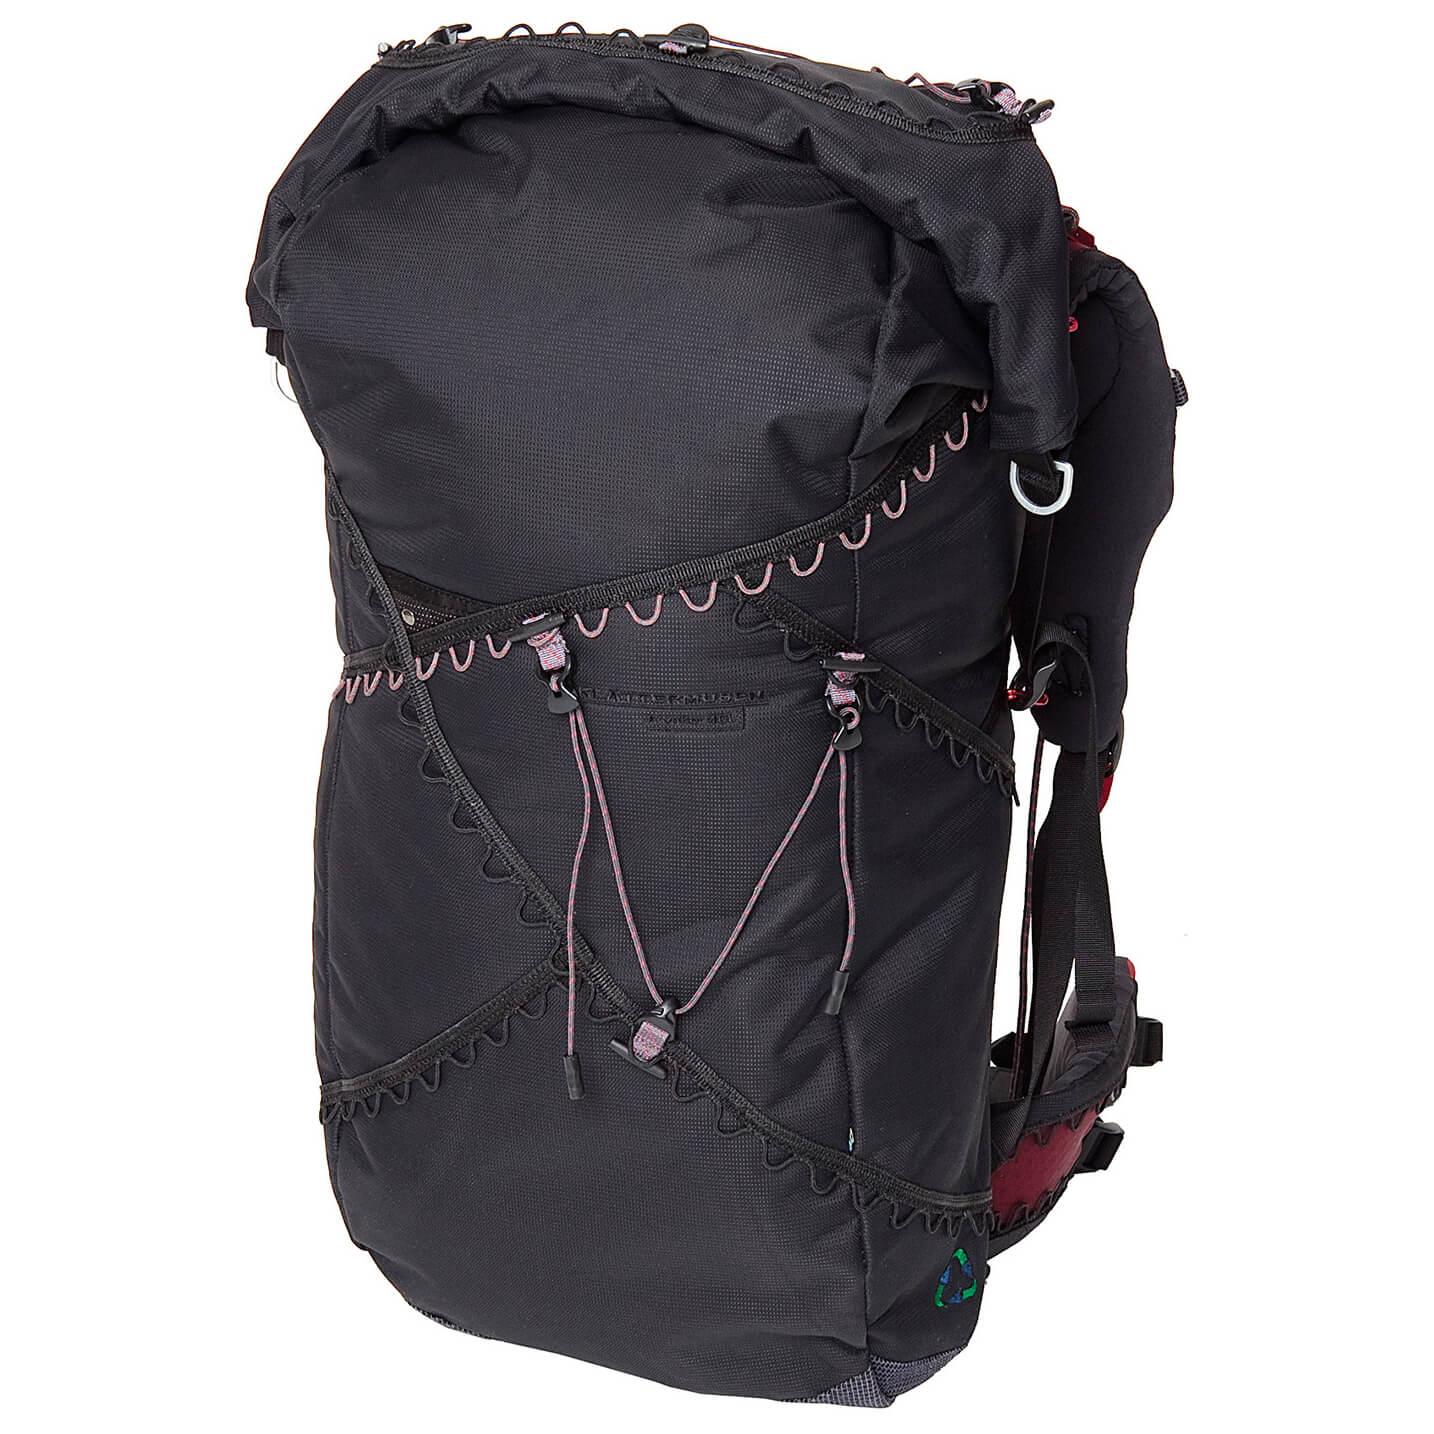 kl ttermusen arvaker 40 sac dos de randonn e acheter en ligne sans frais de livraison. Black Bedroom Furniture Sets. Home Design Ideas